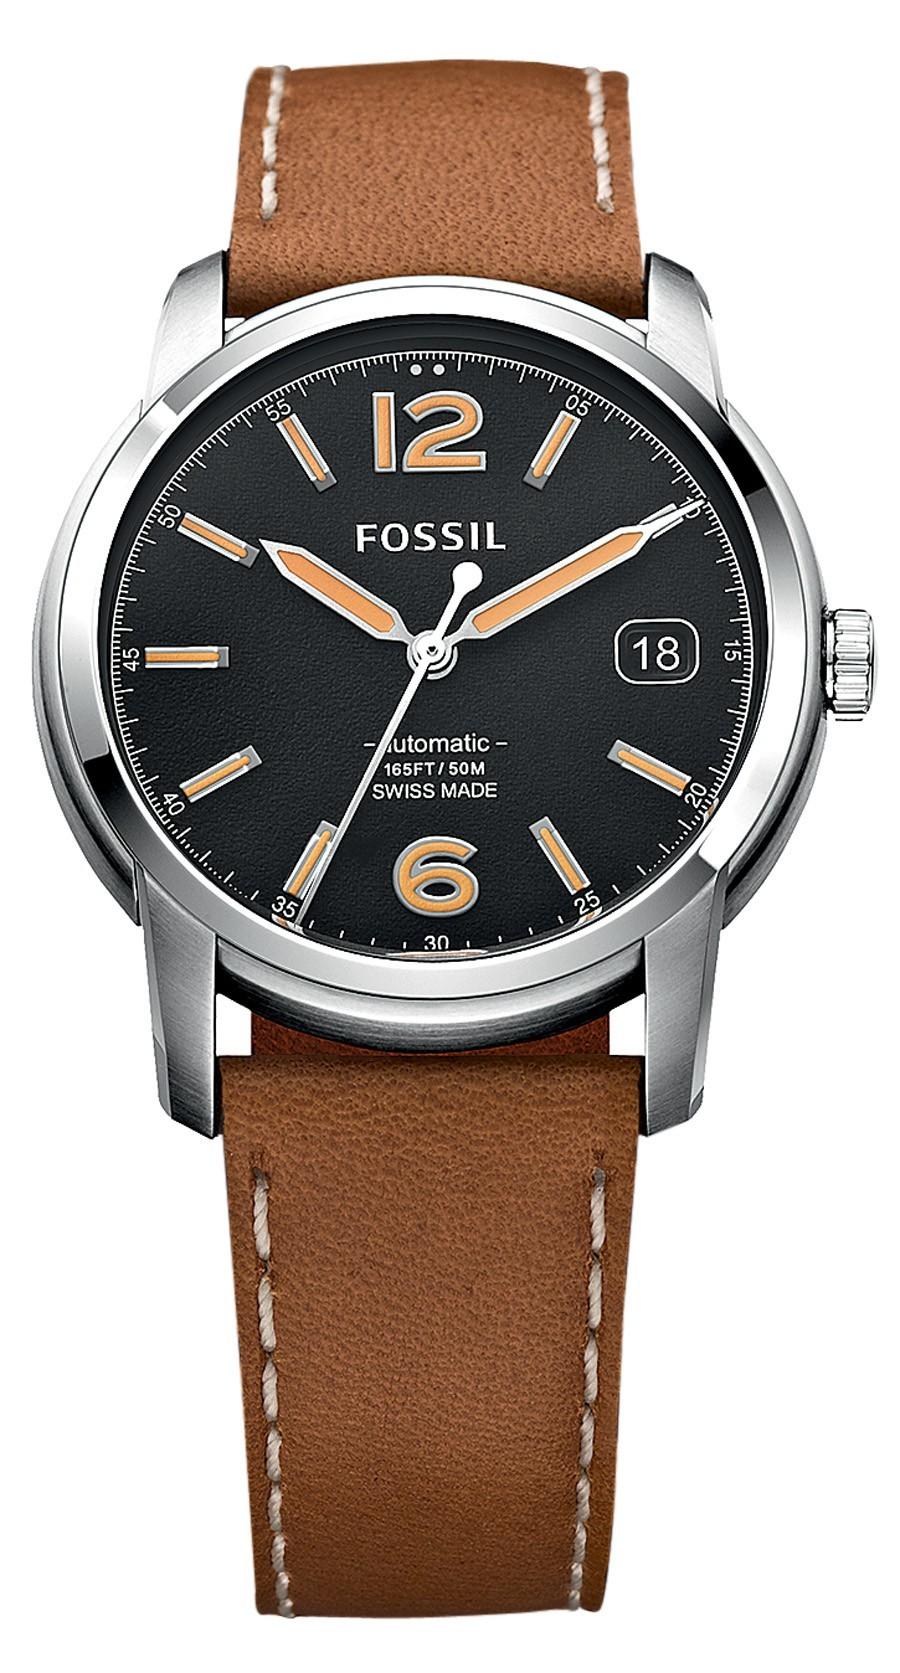 Auch bei Fossil gibt es eine Swiss-Made-Familie mit eigenen Uhrwerken.